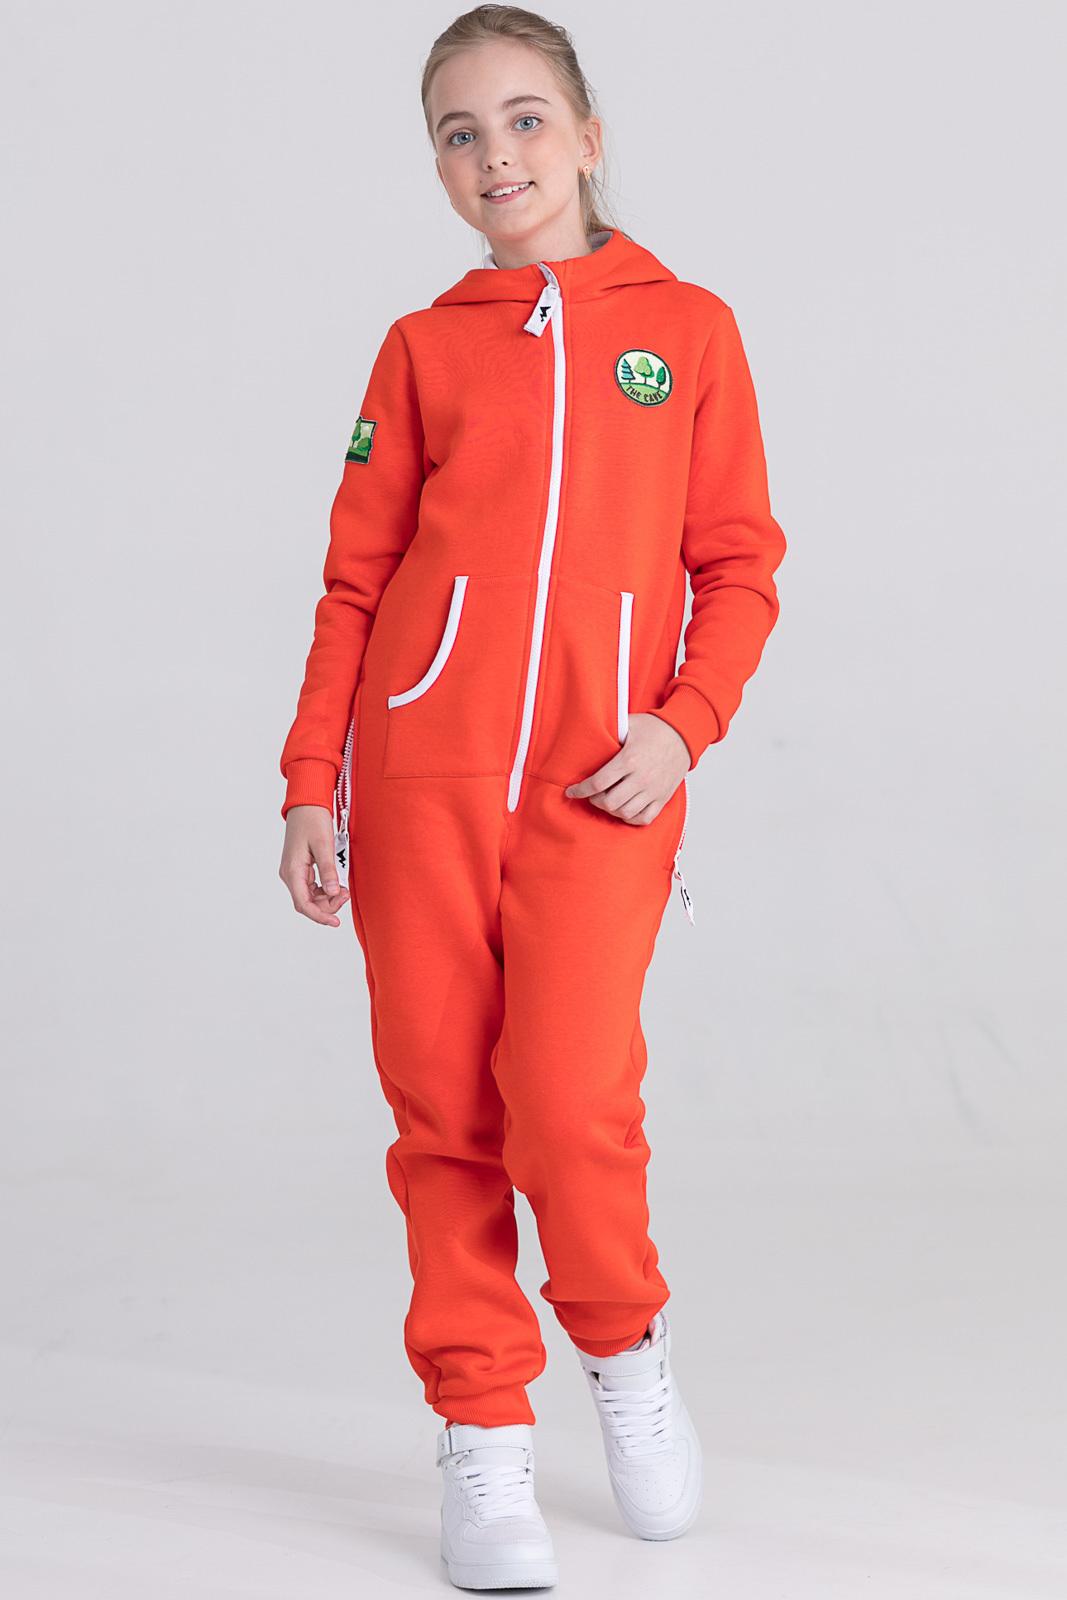 Детская домашняя одежда The Cave Детский комбинезон Veronica Цвет: Оранжевый (9-10 лет)